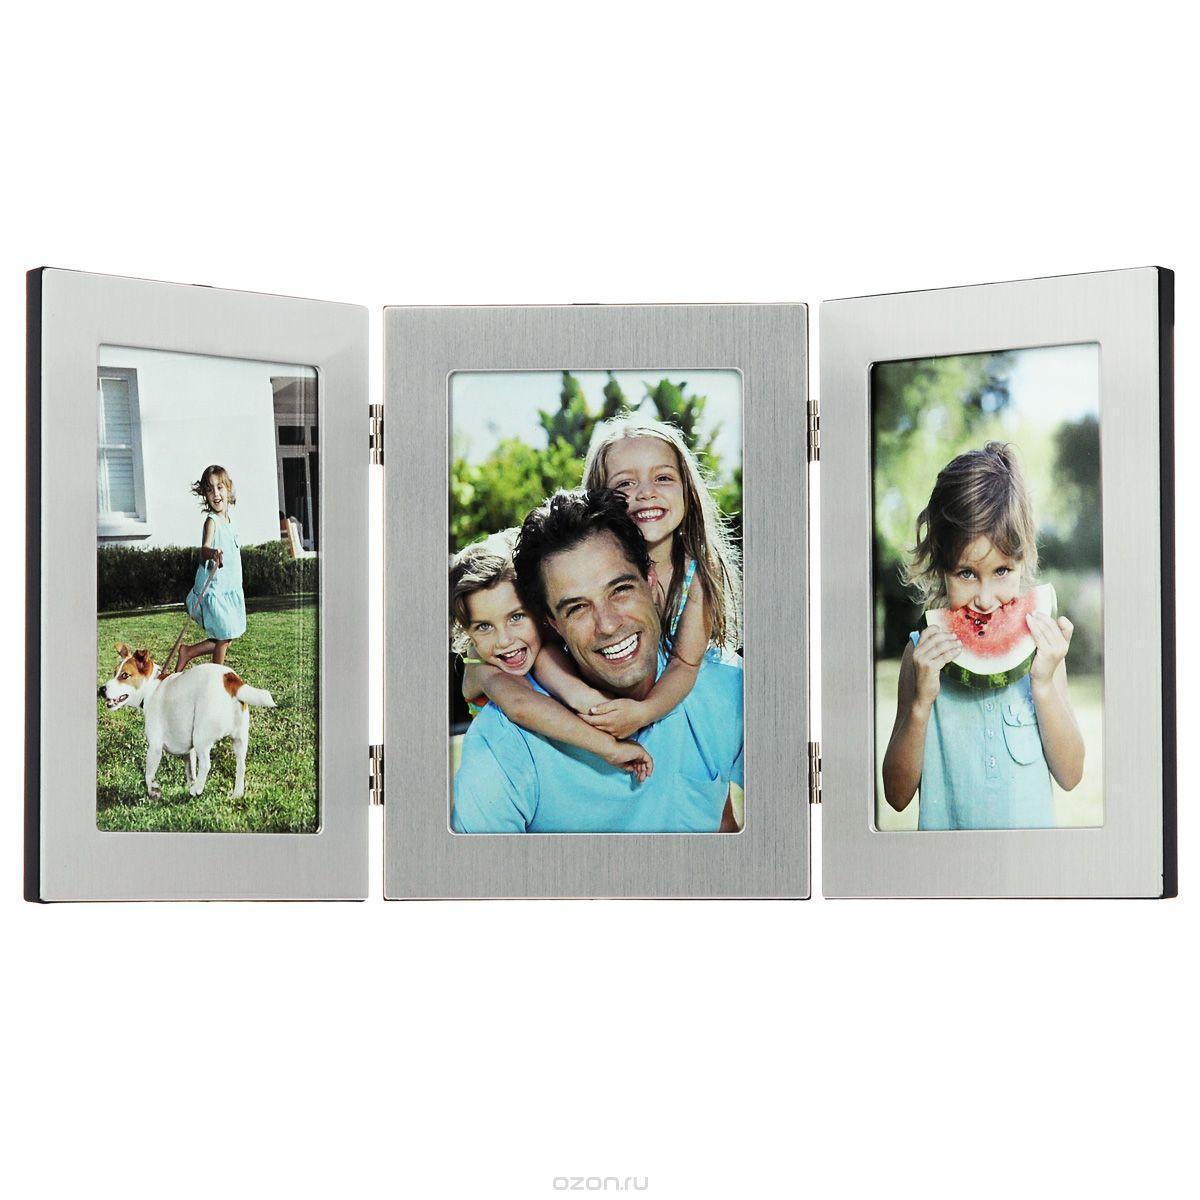 Фоторамка Image Art, на 3 фото, 10 см х 15 см6047/3-4SФоторамка Image Art - прекрасный способ красиво оформить ваши фотографии. Фоторамка выполнена из пластика и защищена стеклом. Фоторамку можно поставить на стол или подвесить на стену, для чего с задней стороны предусмотрены специальные отверстия. Такая фоторамка поможет сохранить на память самые яркие моменты вашей жизни, а стильный дизайн сделает ее прекрасным дополнением интерьера комнаты.